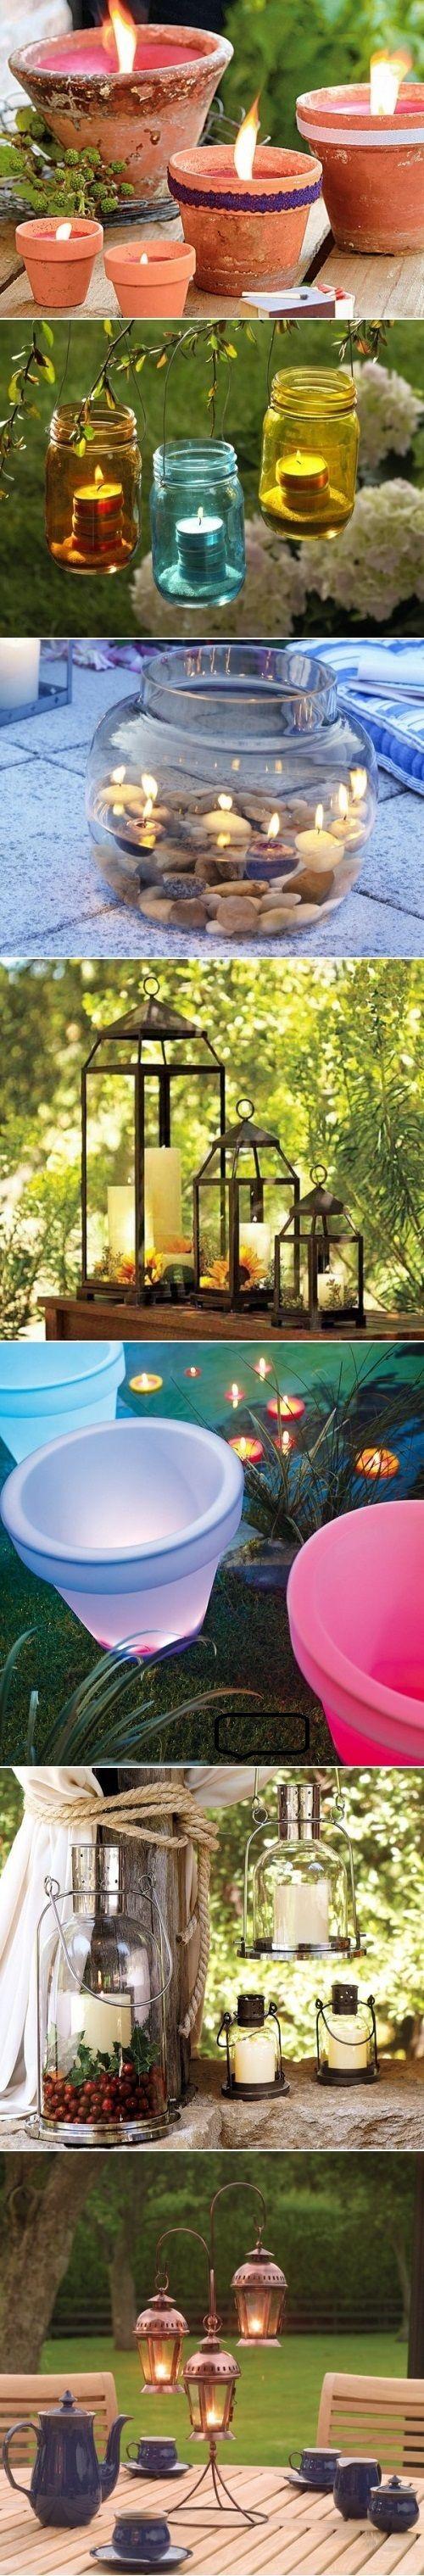 DIY Candles As Garden Lights